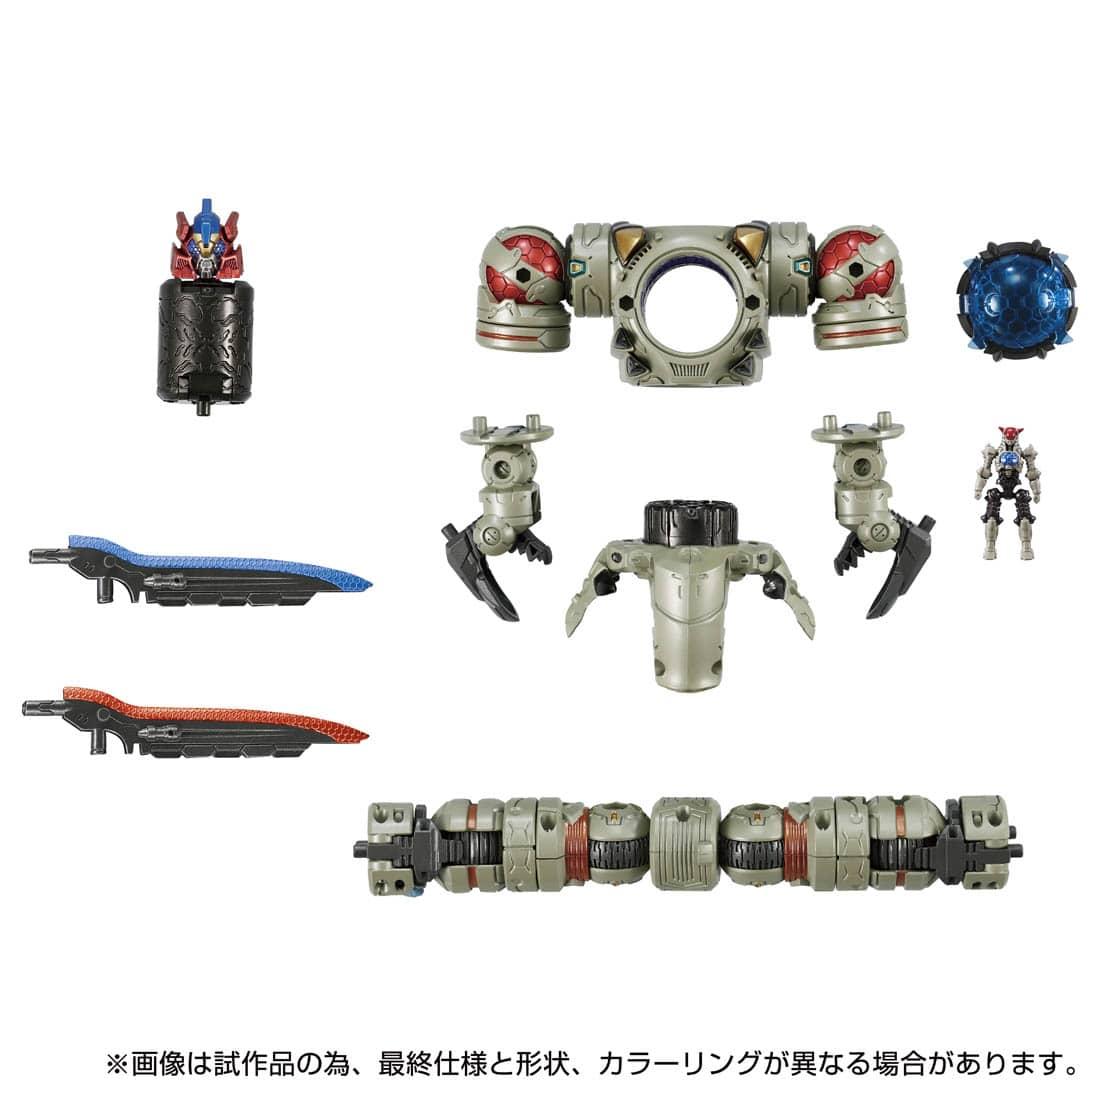 ダイアクロン『DA-86 レギオコア〈リッパー/アノードタイプ〉』可変可動フィギュア-002